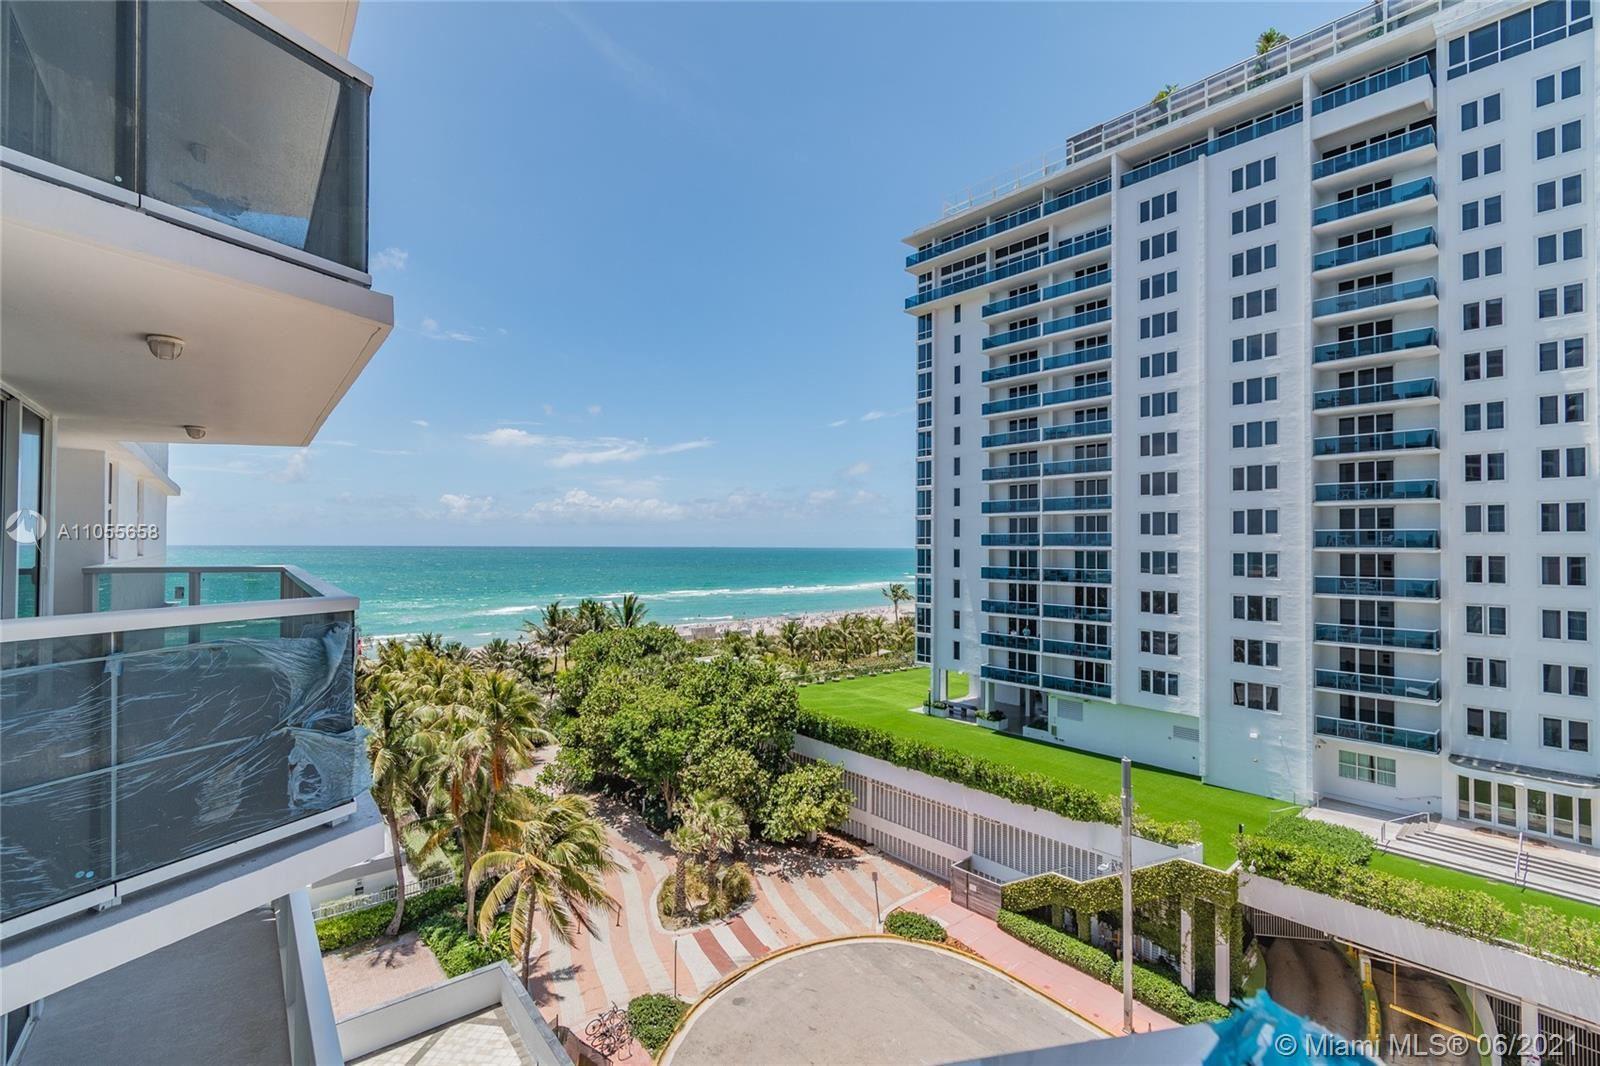 2401 Collins Ave #904, Miami Beach, FL 33140 - #: A11055658